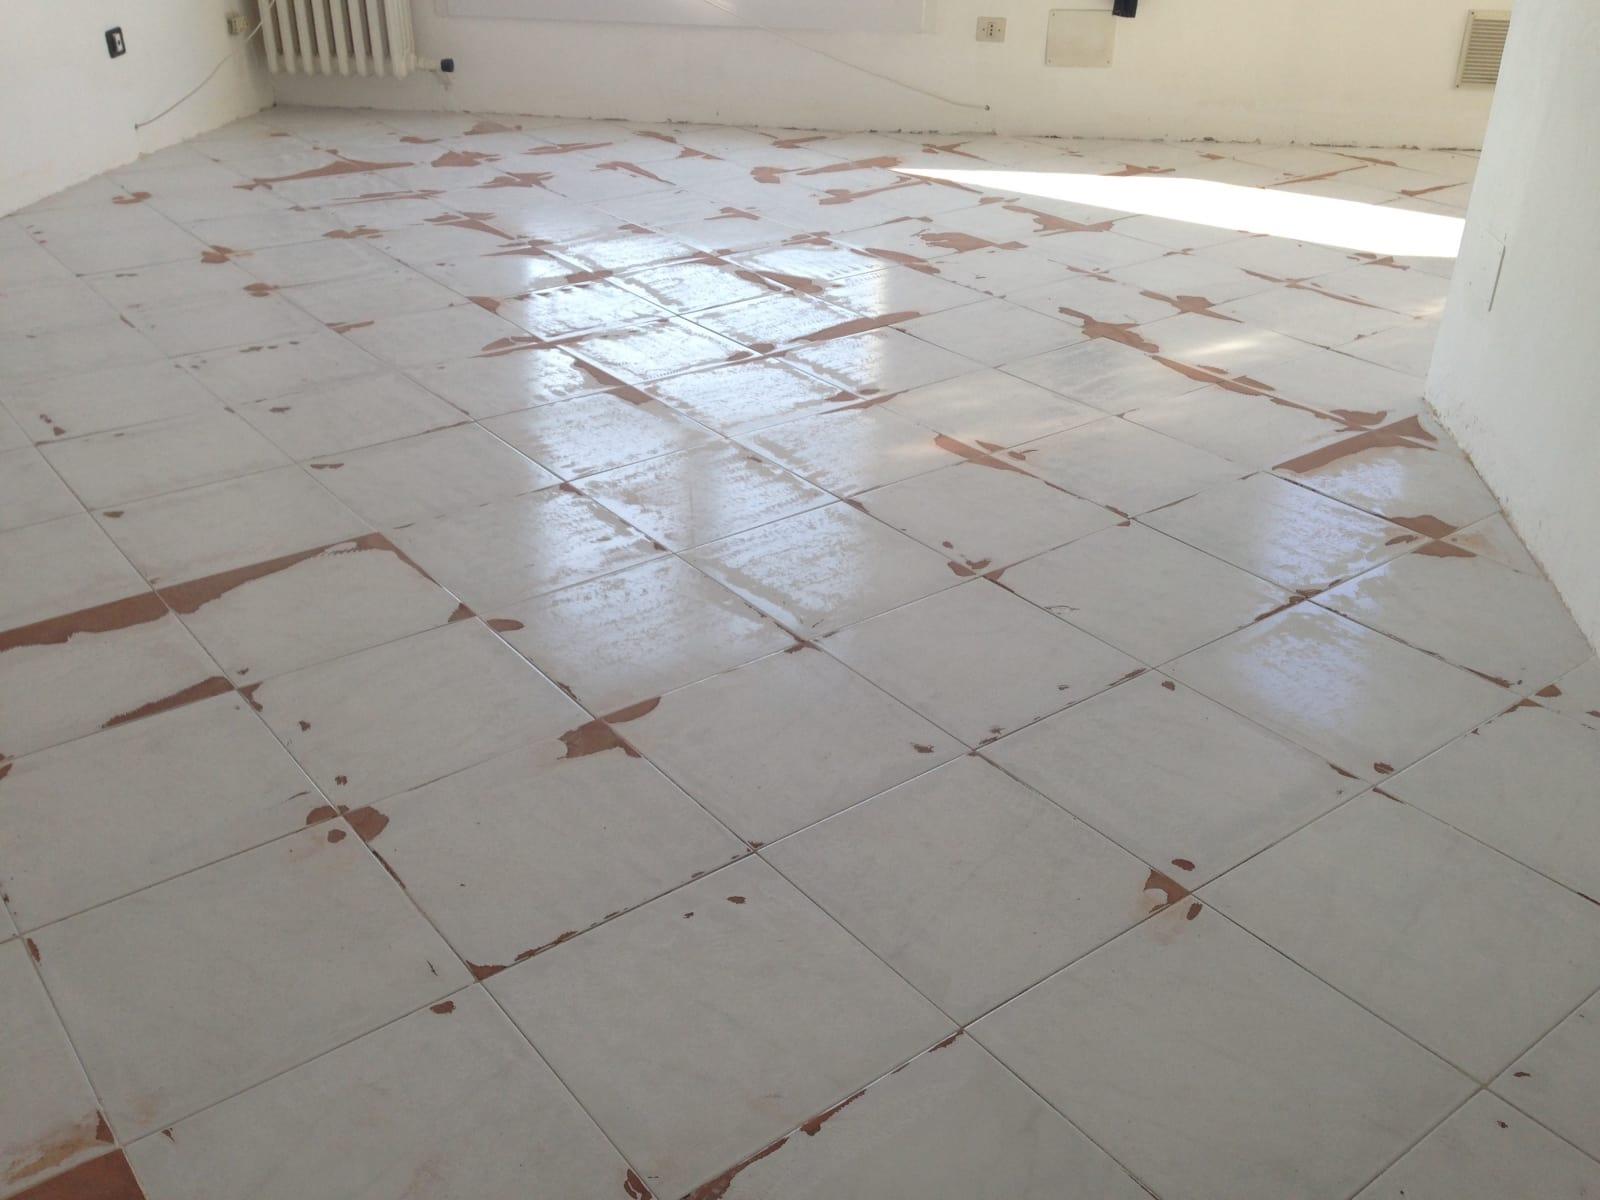 Come scegliere un pavimento in resina - Piastrelle da incollare su pavimento esistente ...